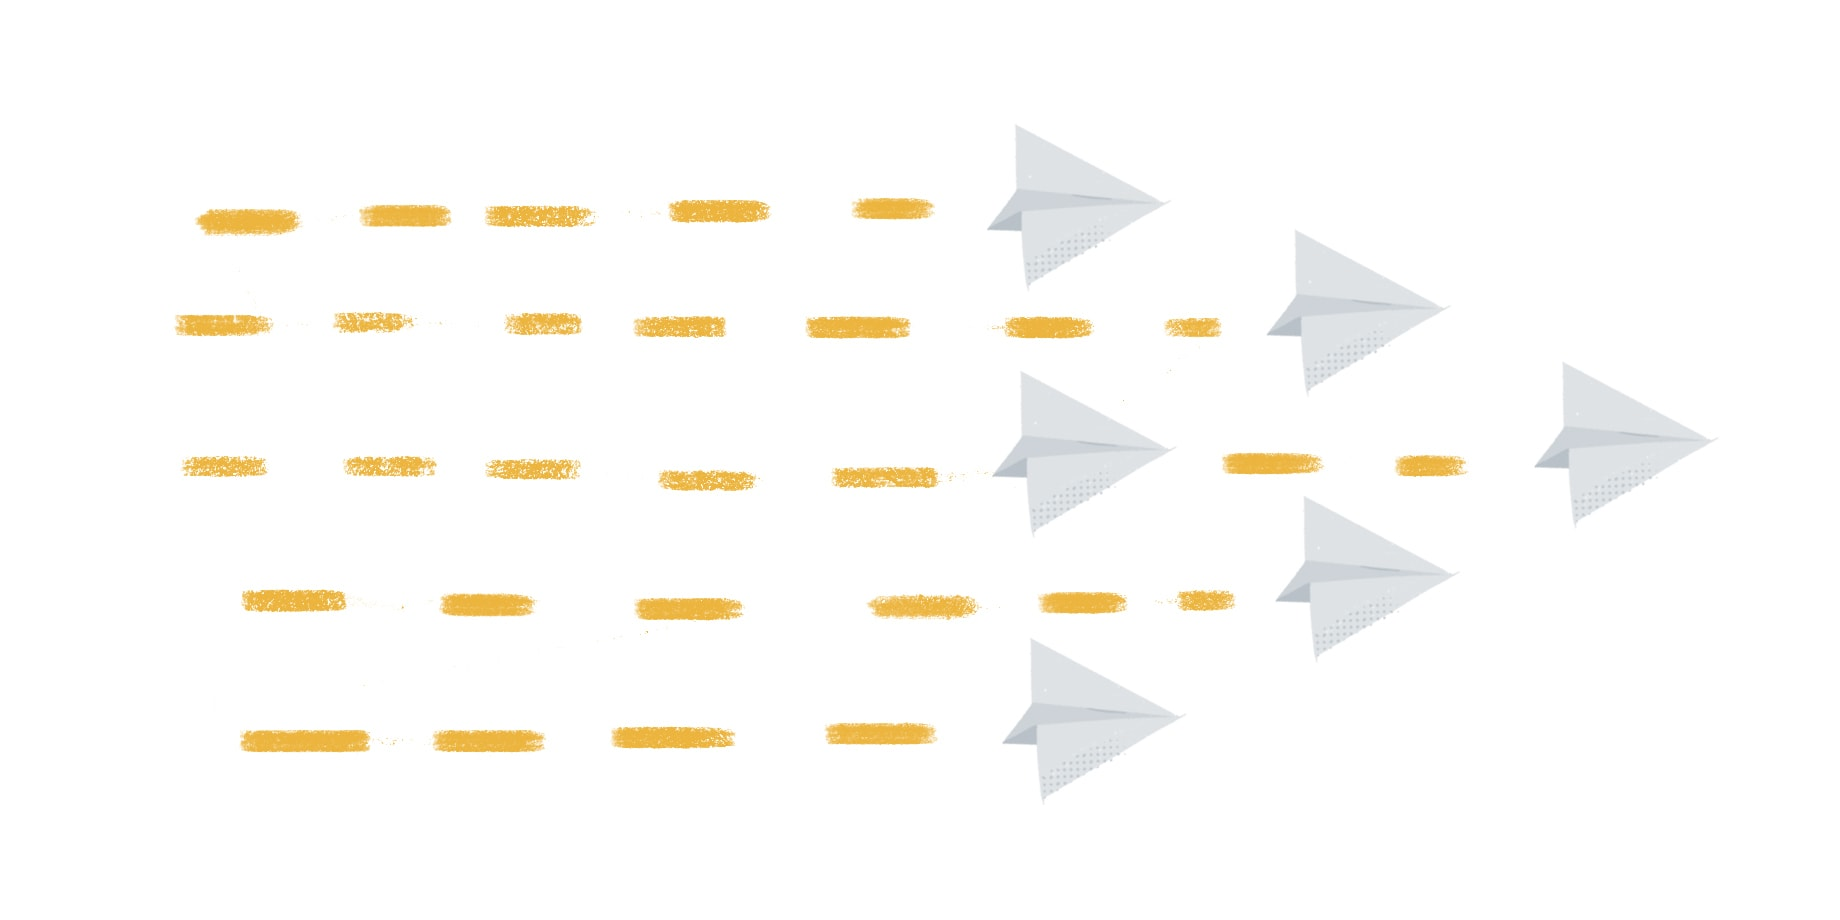 Une stratégie de communication interne solide commence par un partage en toute transparence de l'information de la part de l'équipe dirigeante, comme le montre cette image d'avions en papier volant dans le même sens